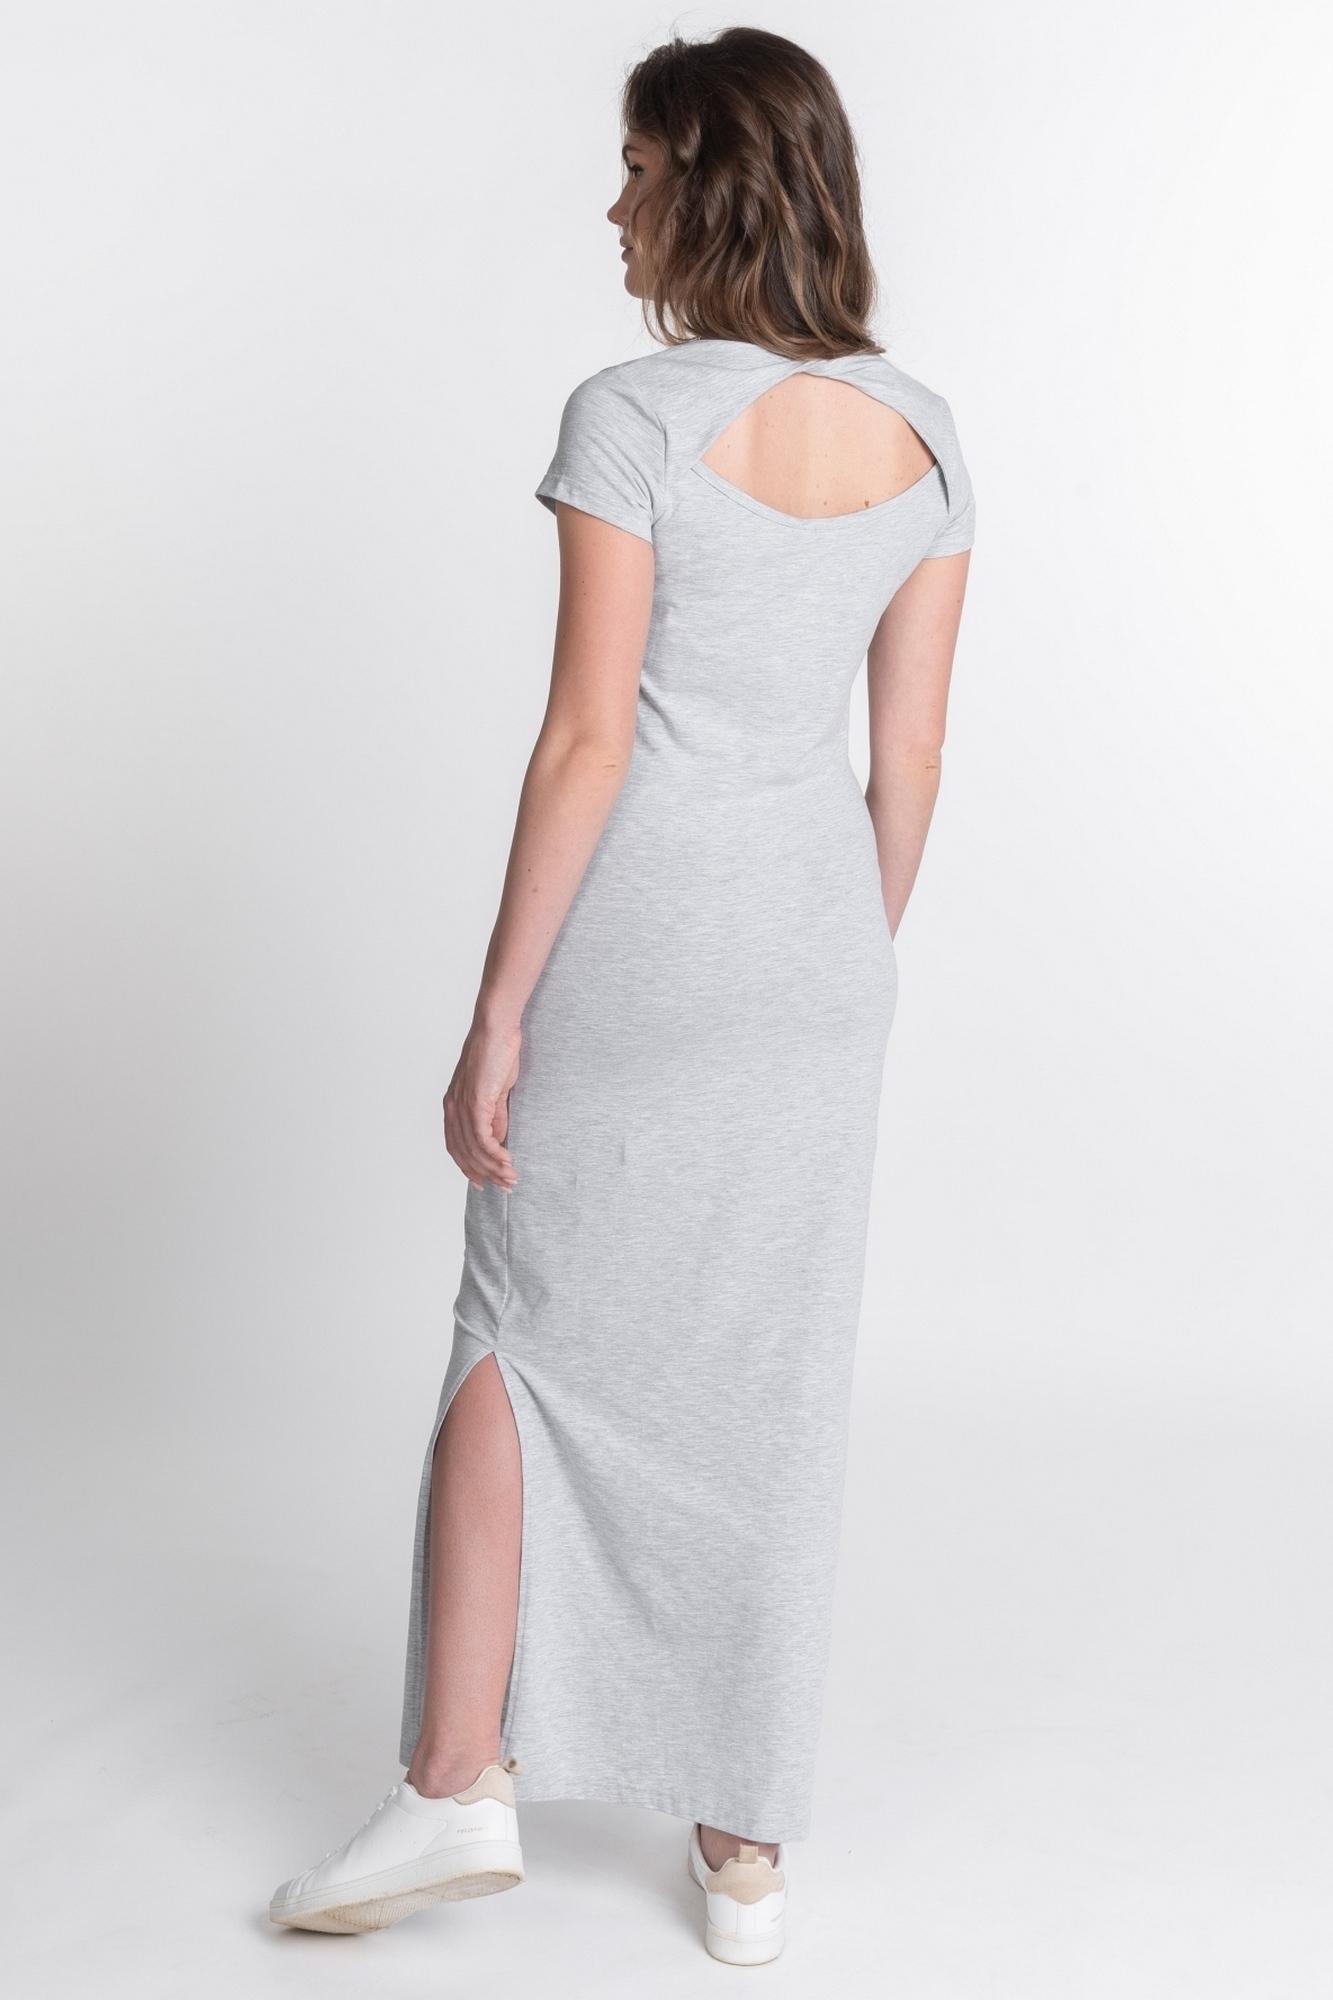 Фото платье для беременных Magica bellezza, длинное трикотажное от магазина СкороМама, серый, размеры.